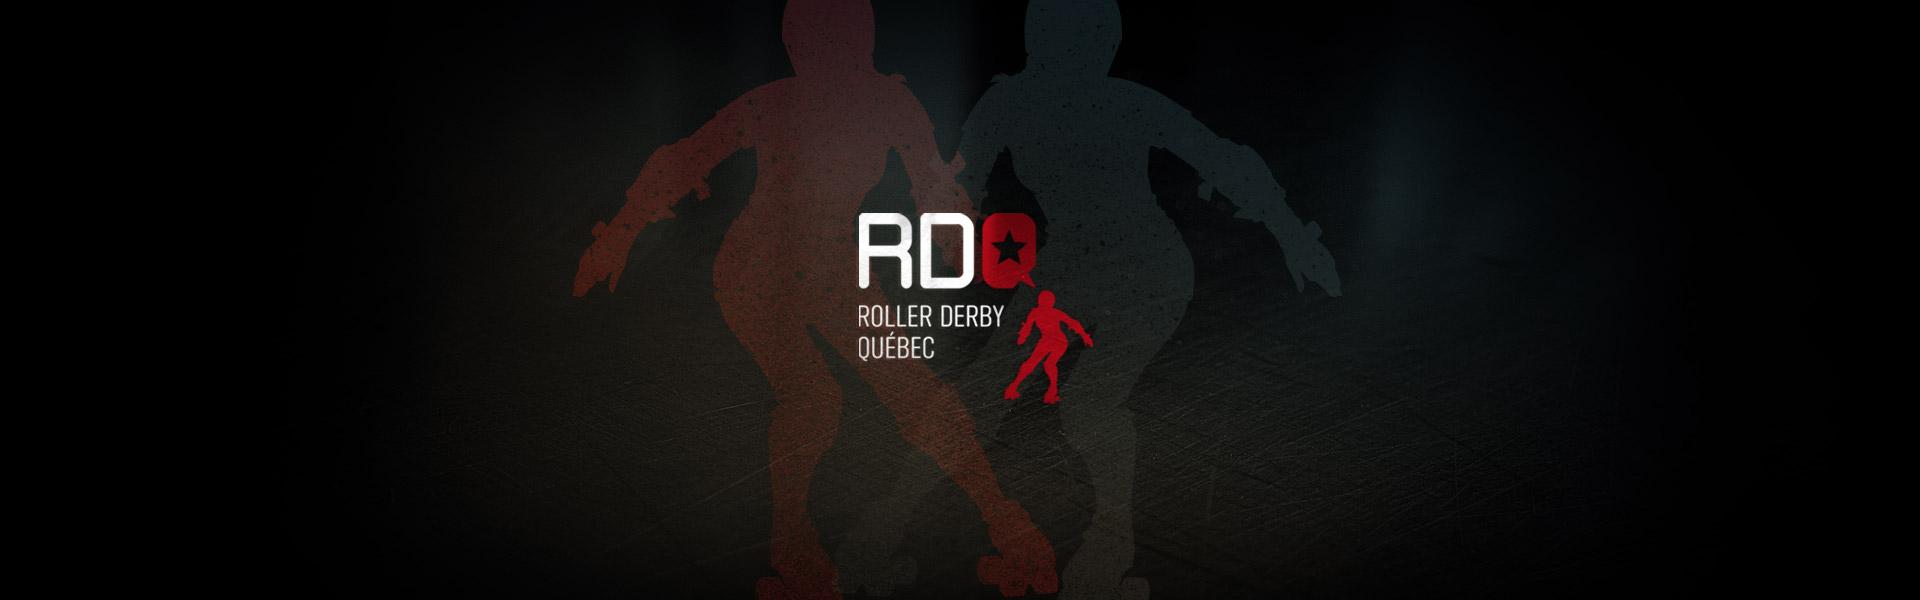 https://rollerderbyqc.com/wp-content/uploads/2013/06/ligue-rdq.jpg